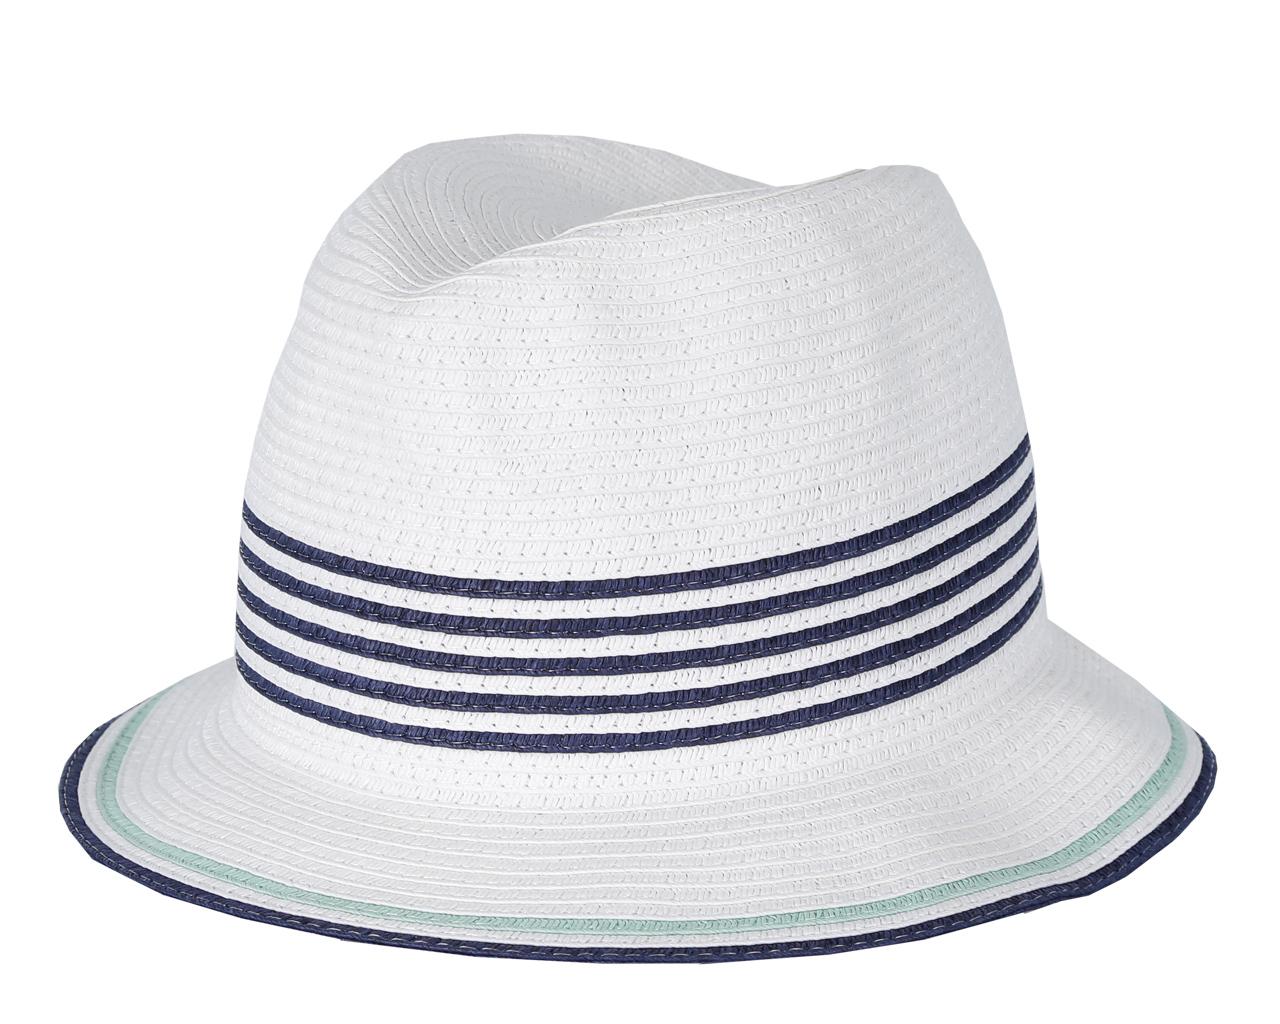 ШляпаGL29-4 WHITEСтильная шляпа от Fabretti для пляжного отдыха и прогулок в солнечные дни.